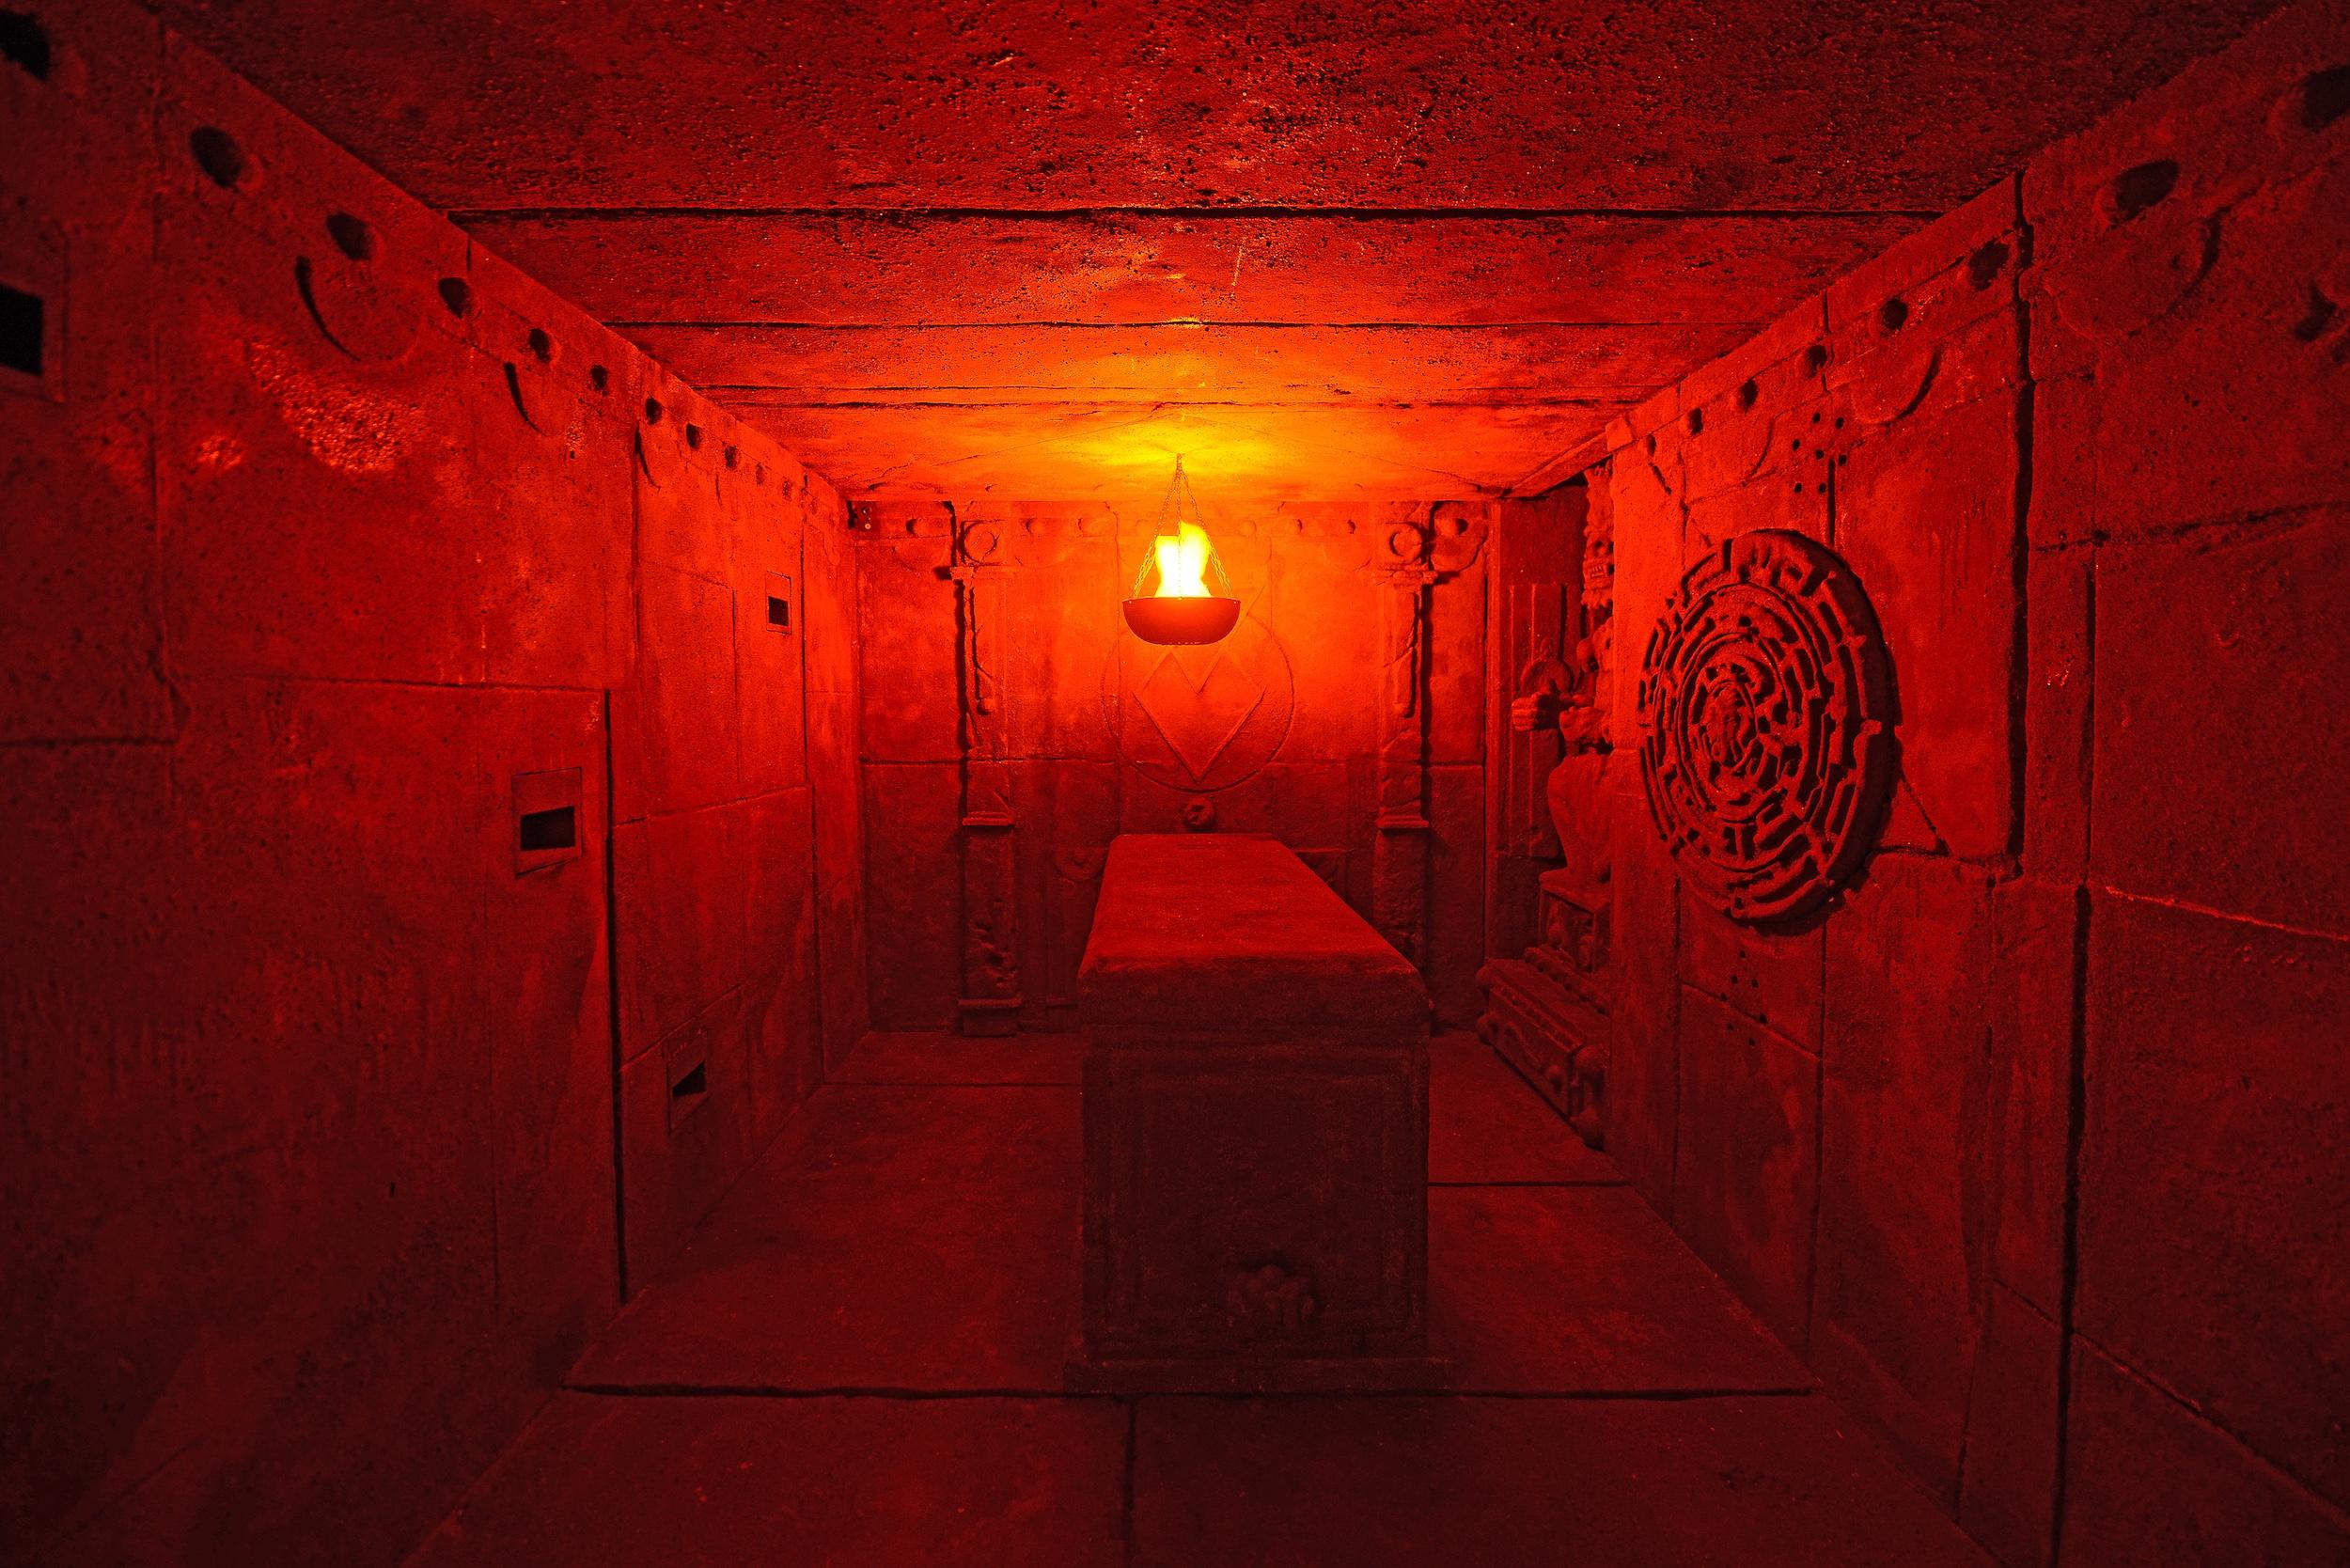 Das neuste Room-Escape-Abenteuer am Voltaplatz: Indiana Jones lässt grüssen.